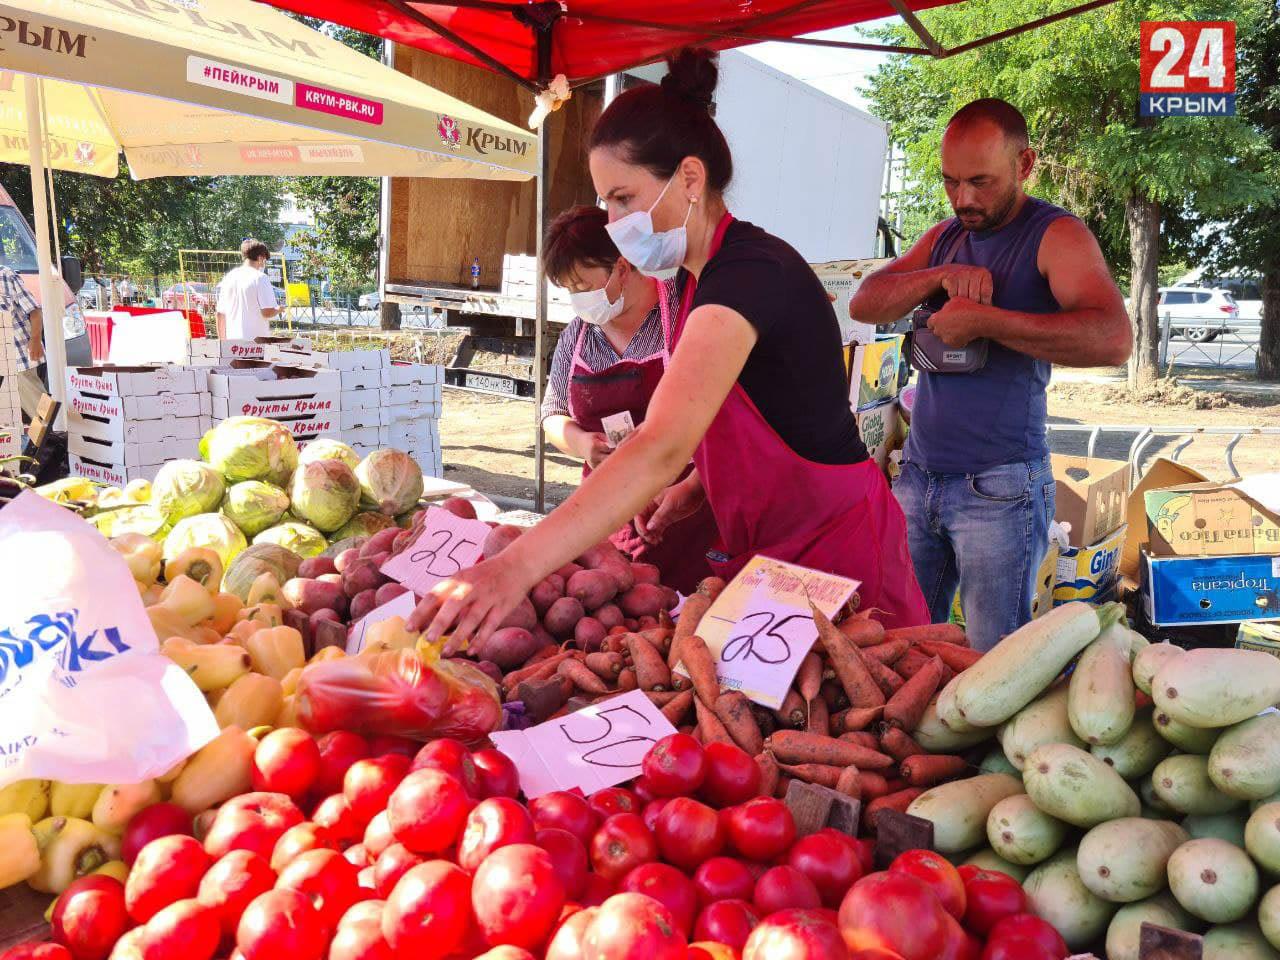 Цены на 20% ниже, чем на рынке: в Симферополе проходят сельскохозяйственные ярмарки